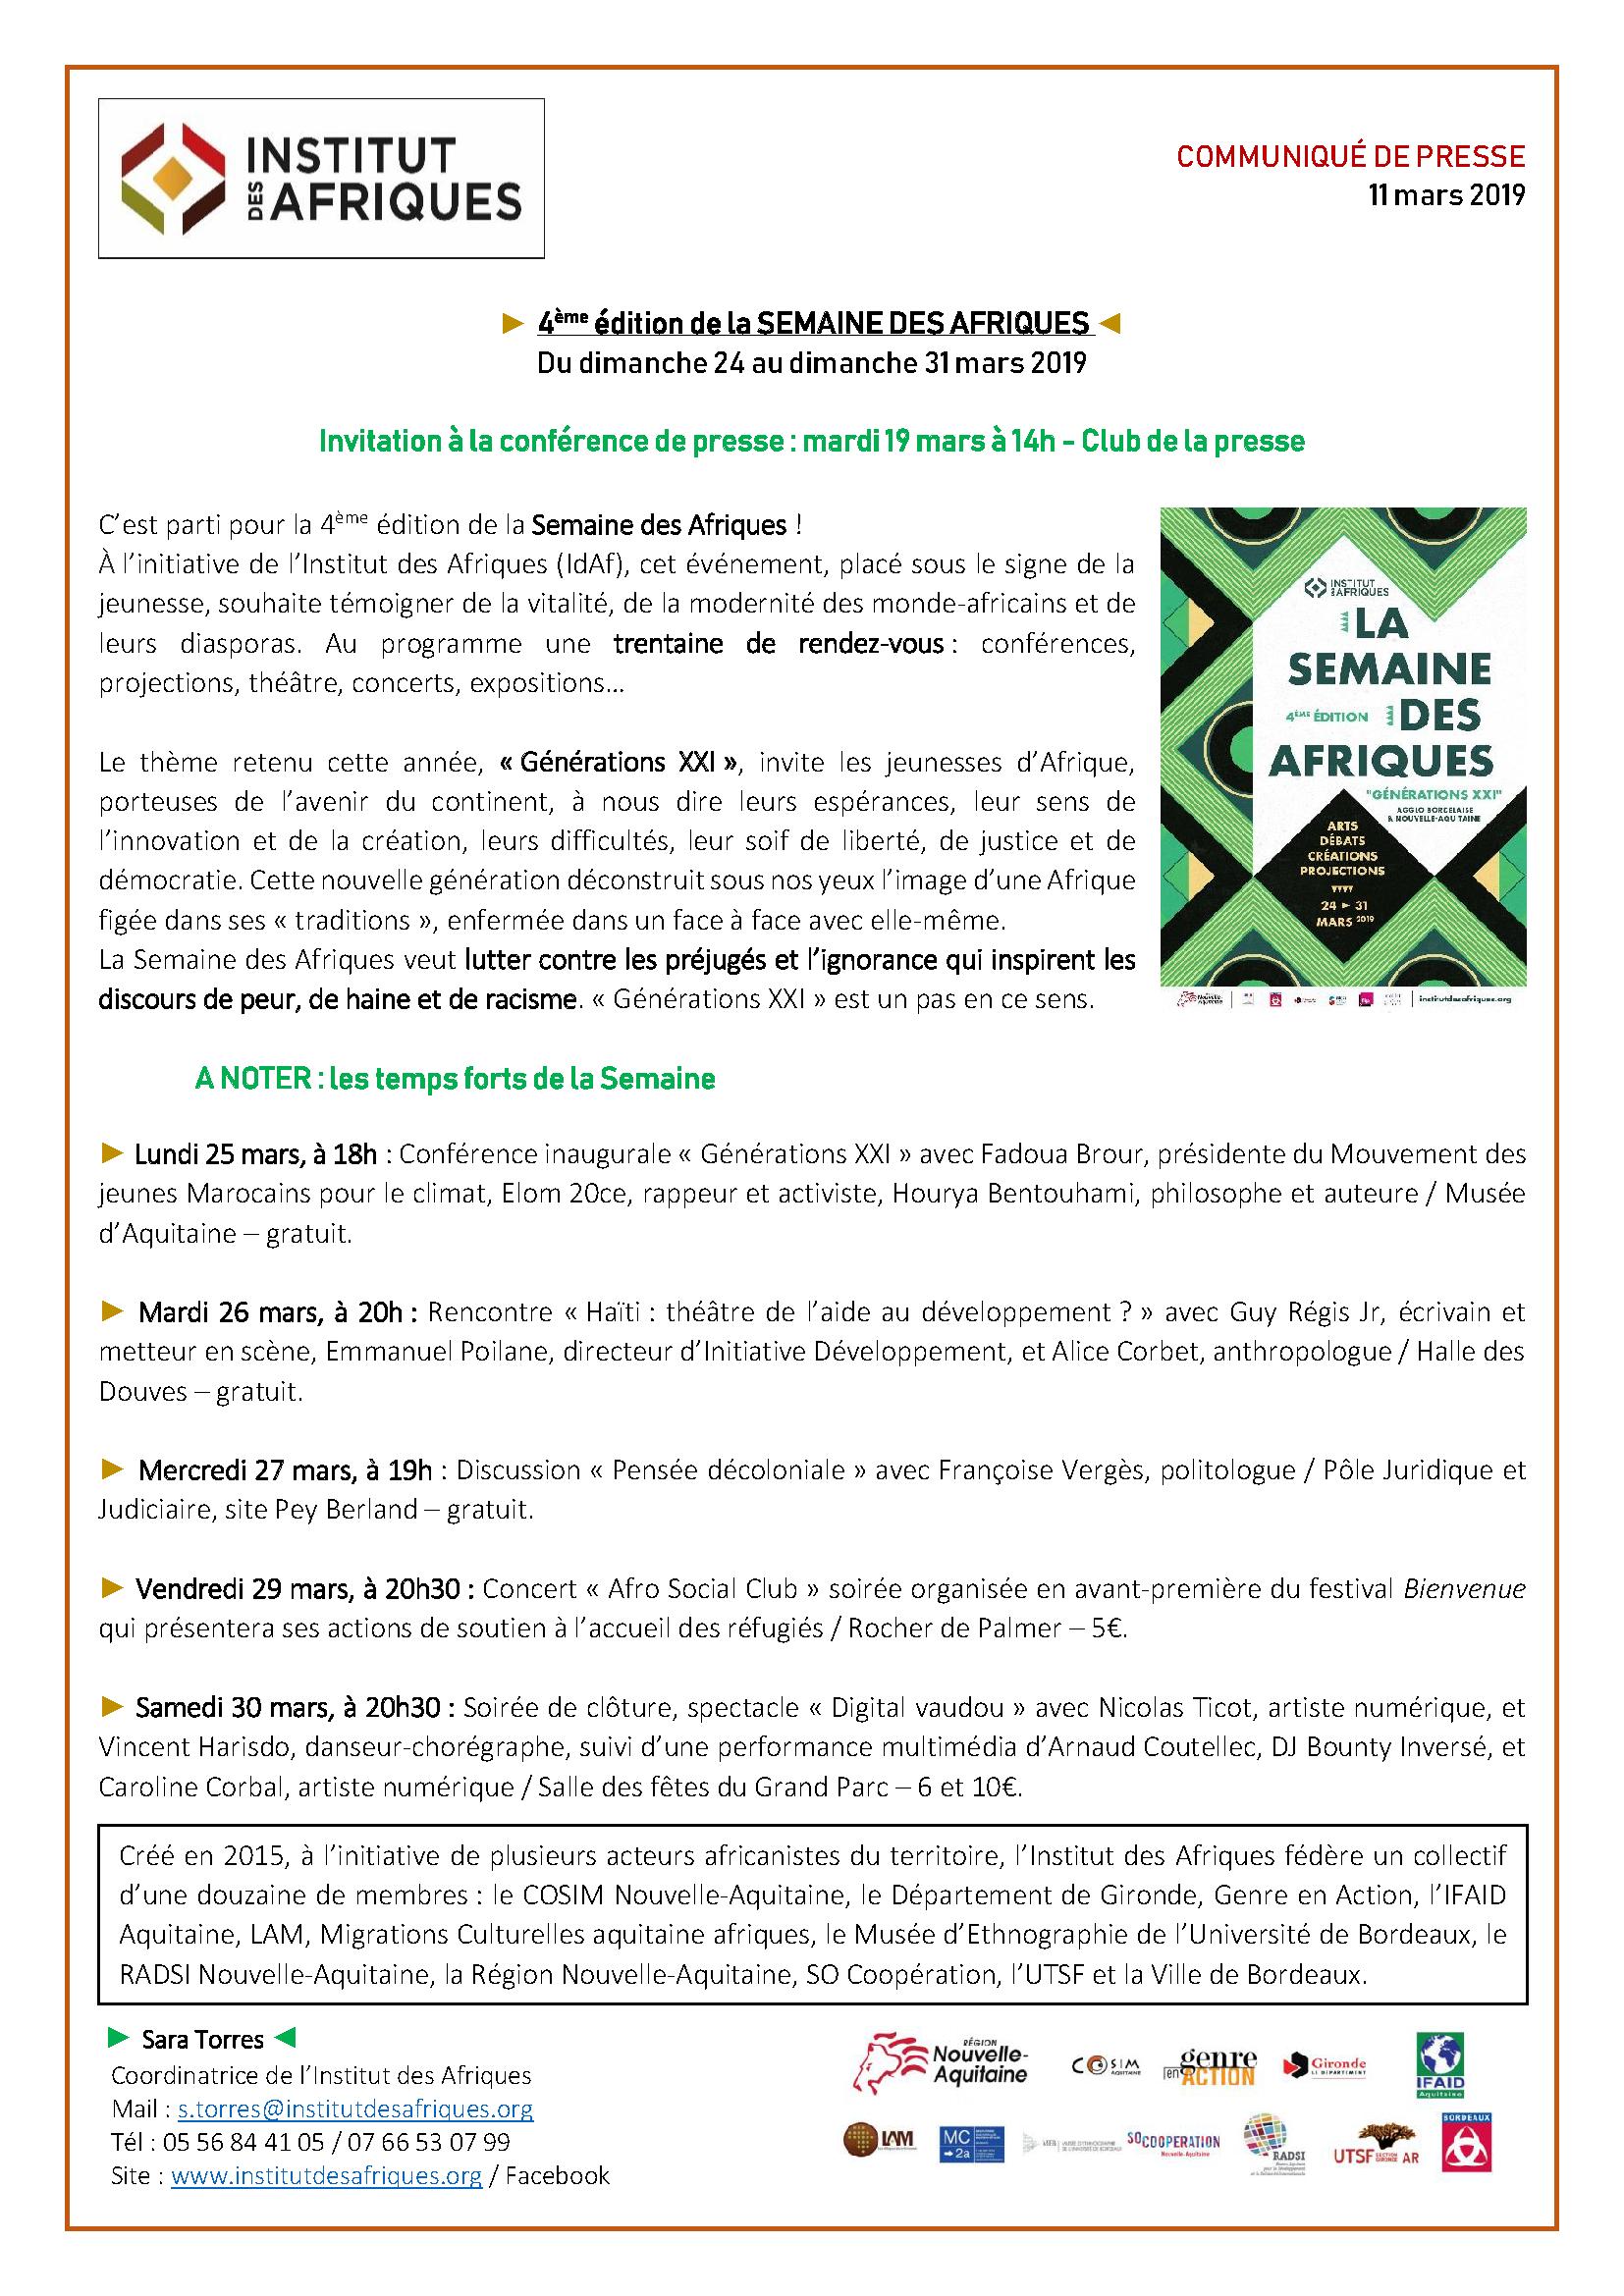 cp_semaine-des-afriques-2019